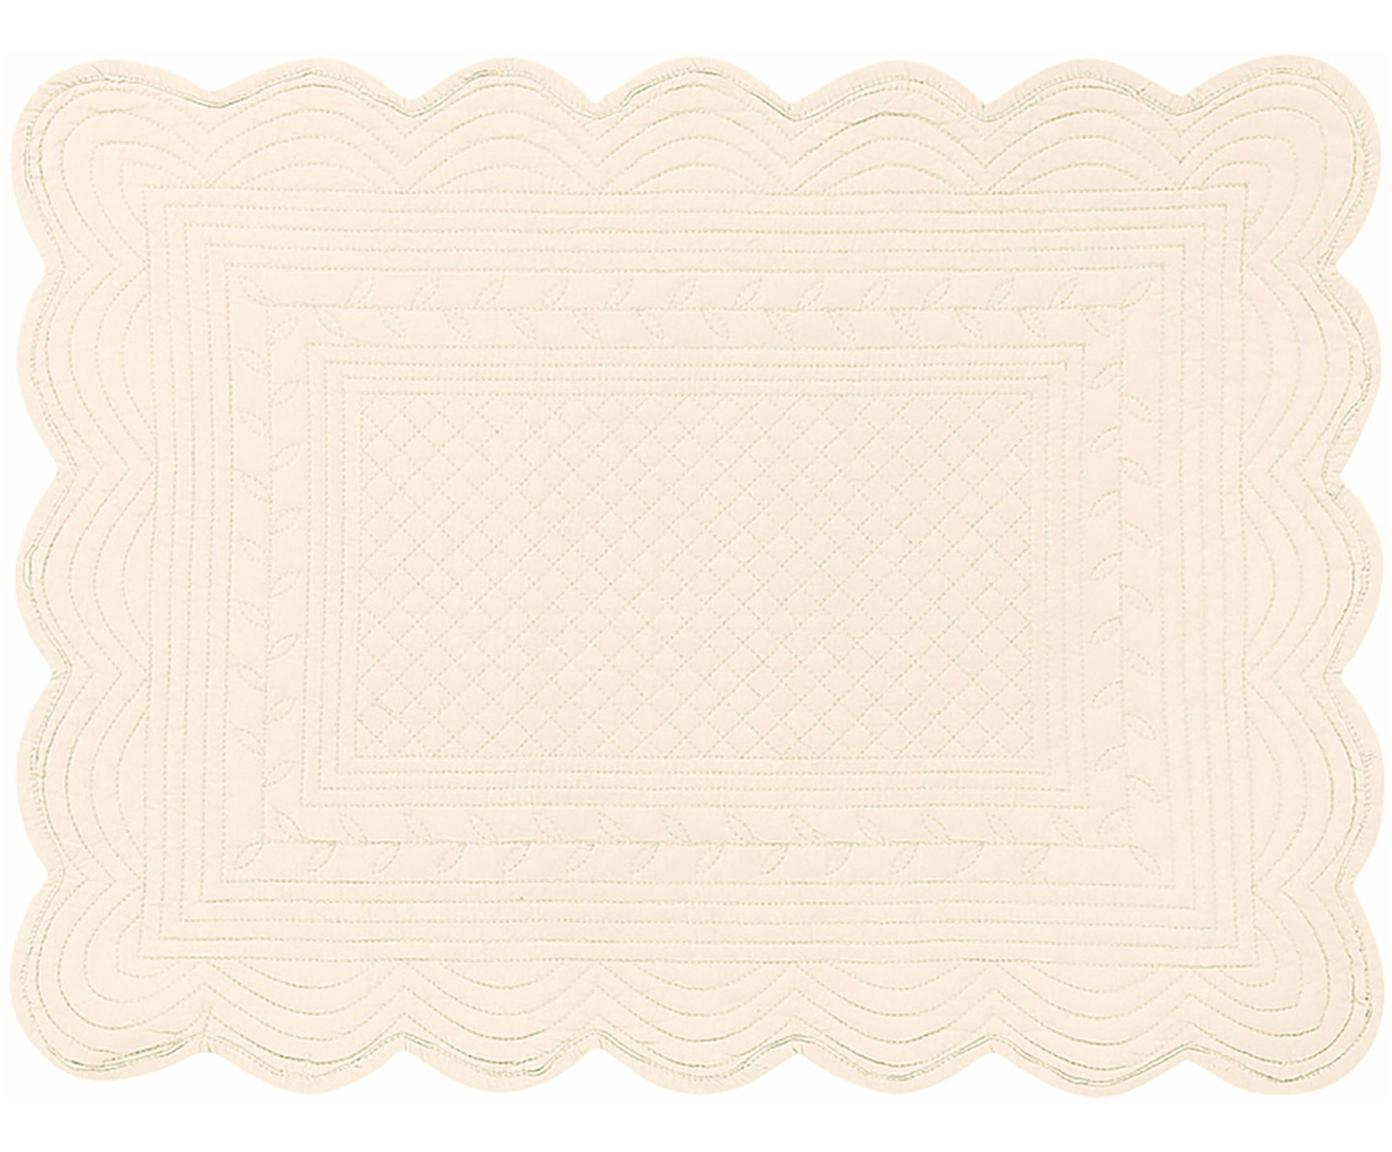 Tischsets Boutis, 6 Stück, Baumwolle, Elfenbeinfarben, 34 x 48 cm